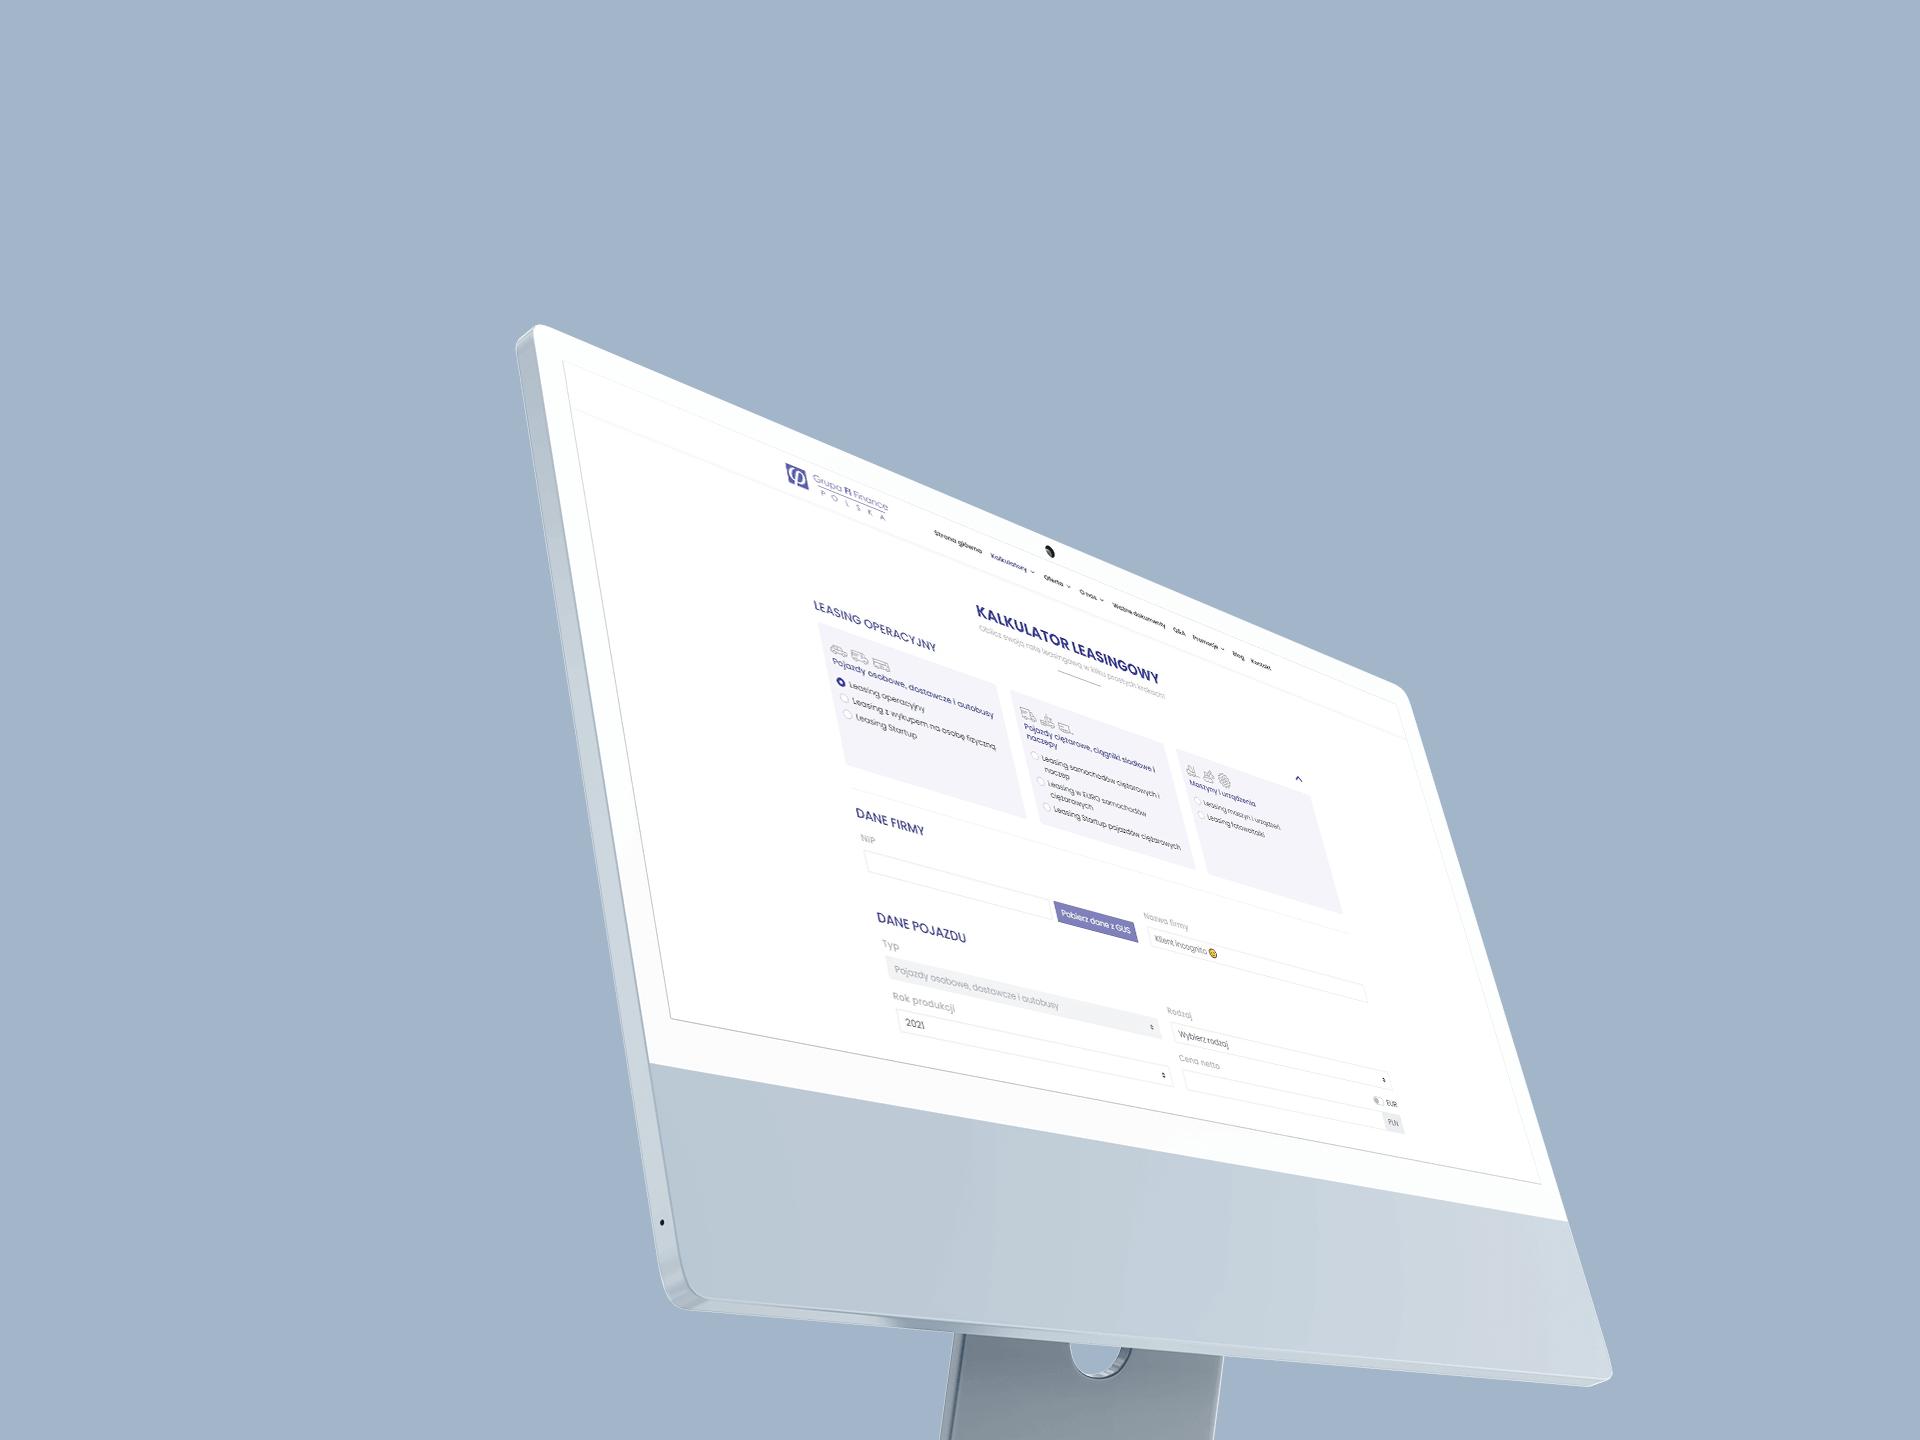 Monitor wyświetlający Kalkulator leasingowy